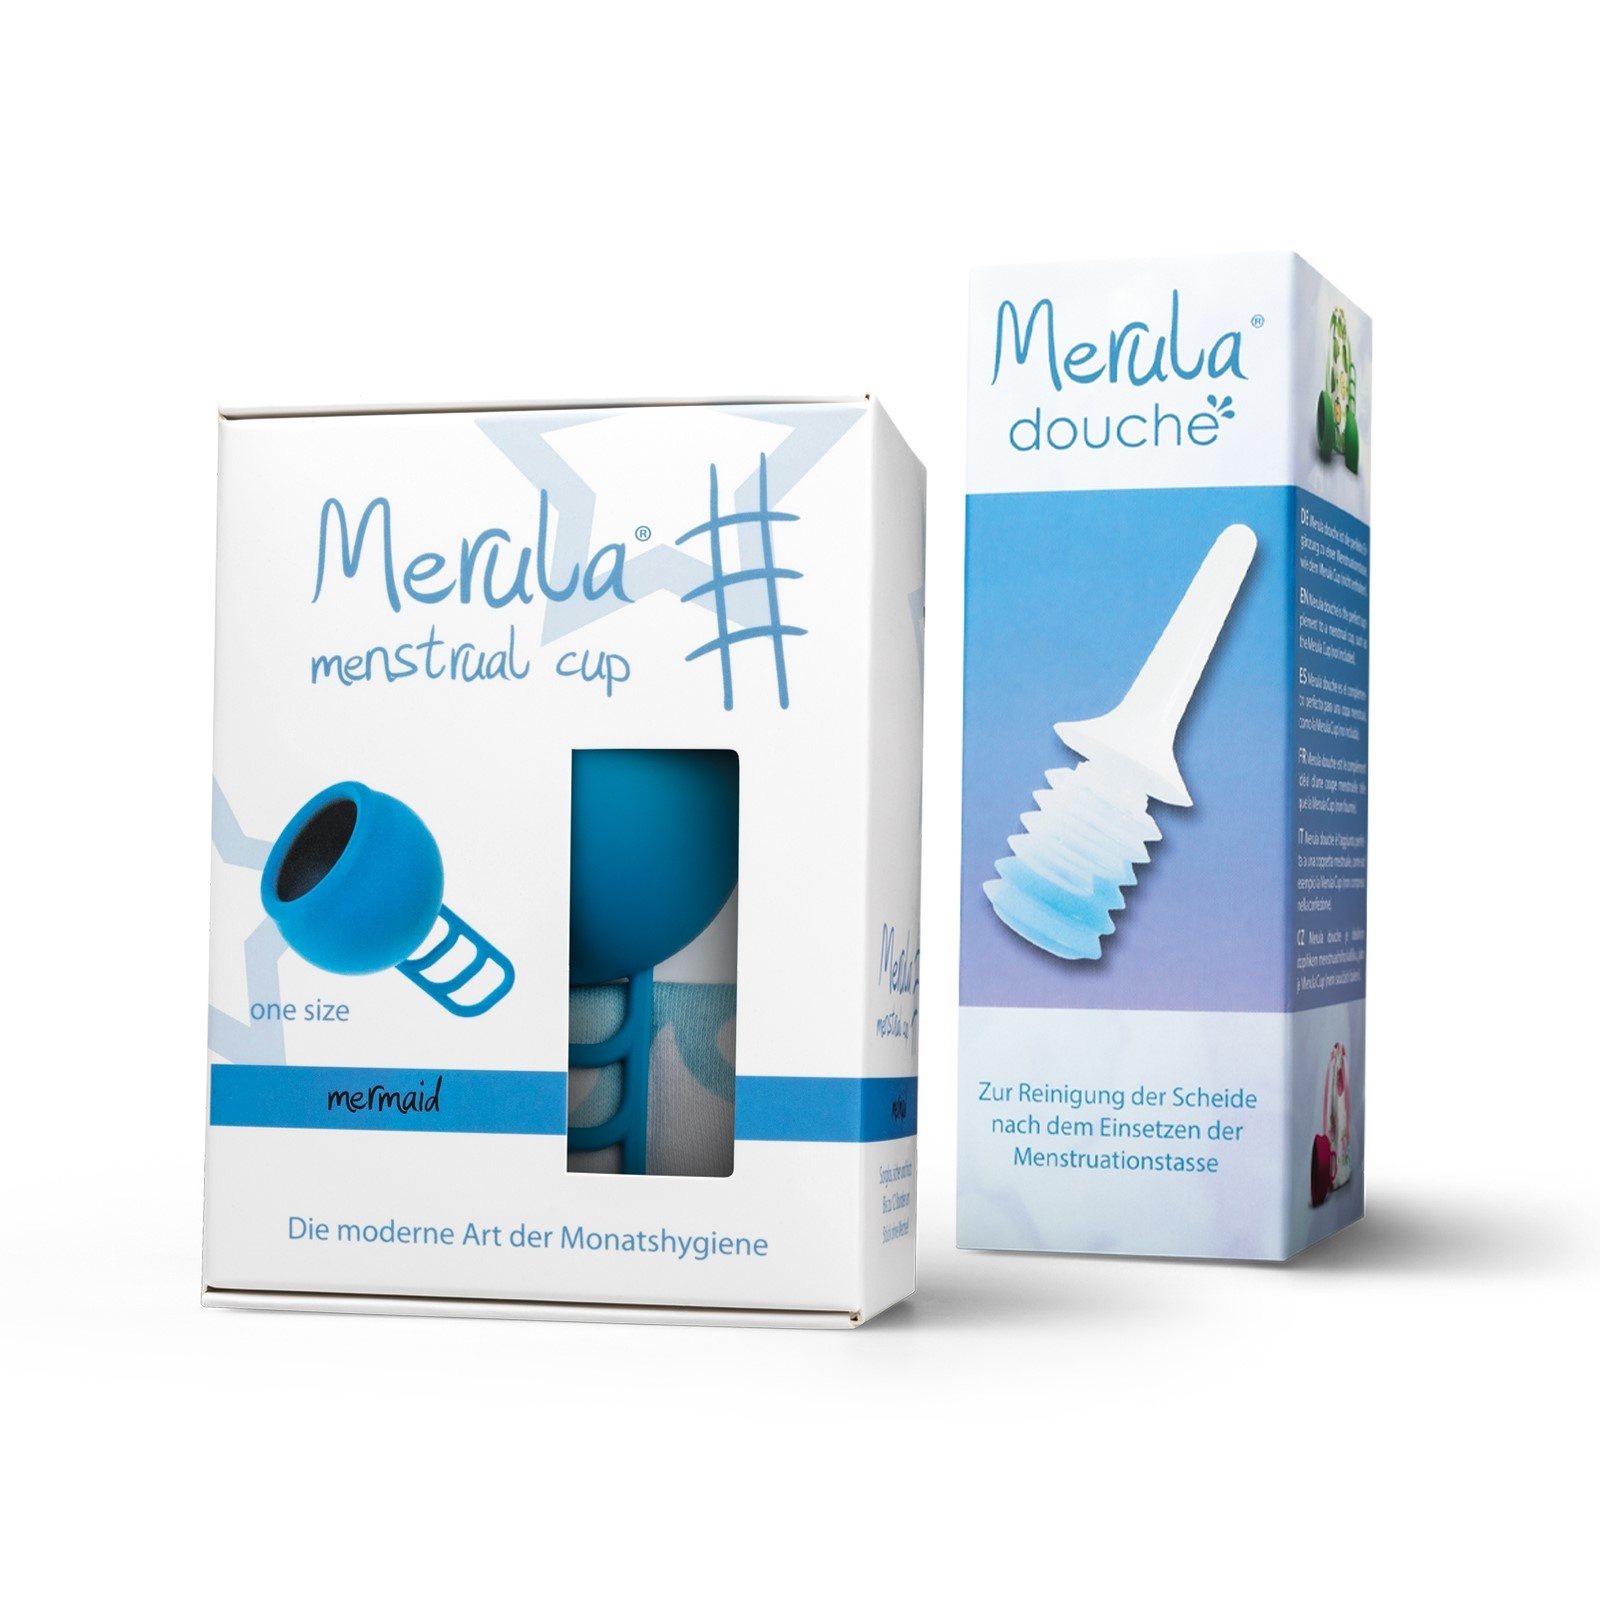 Merula Merula cup met Merula douche - mermaid blauw